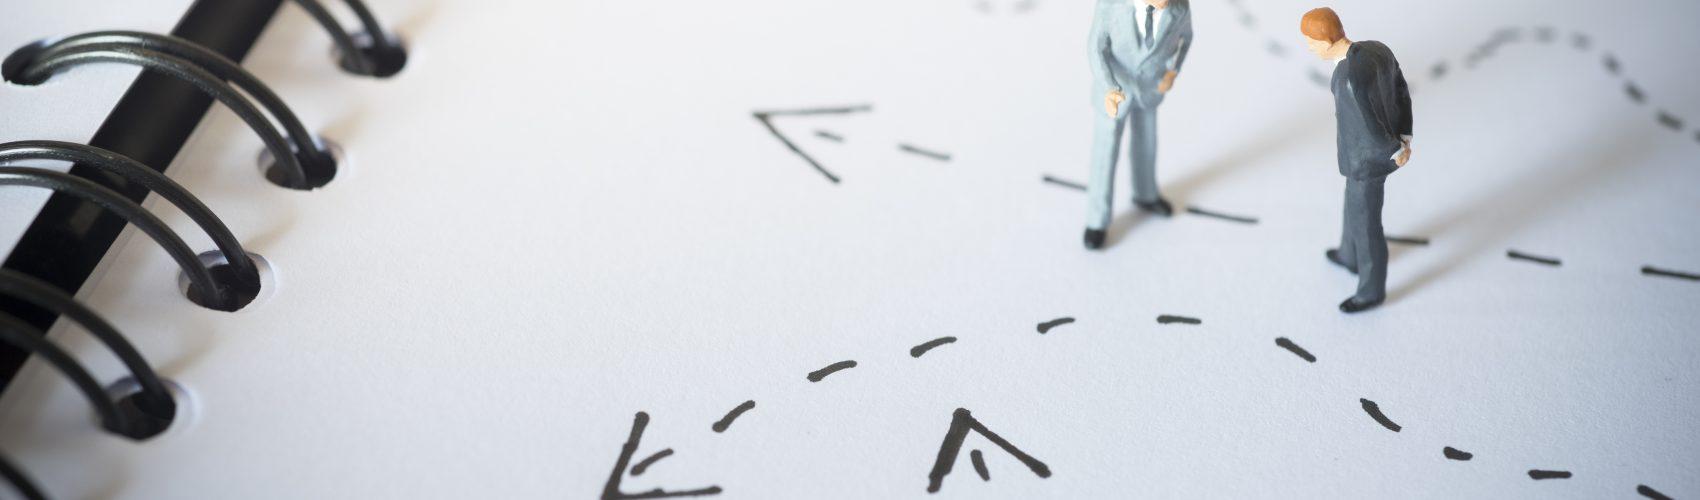 arrows on paper